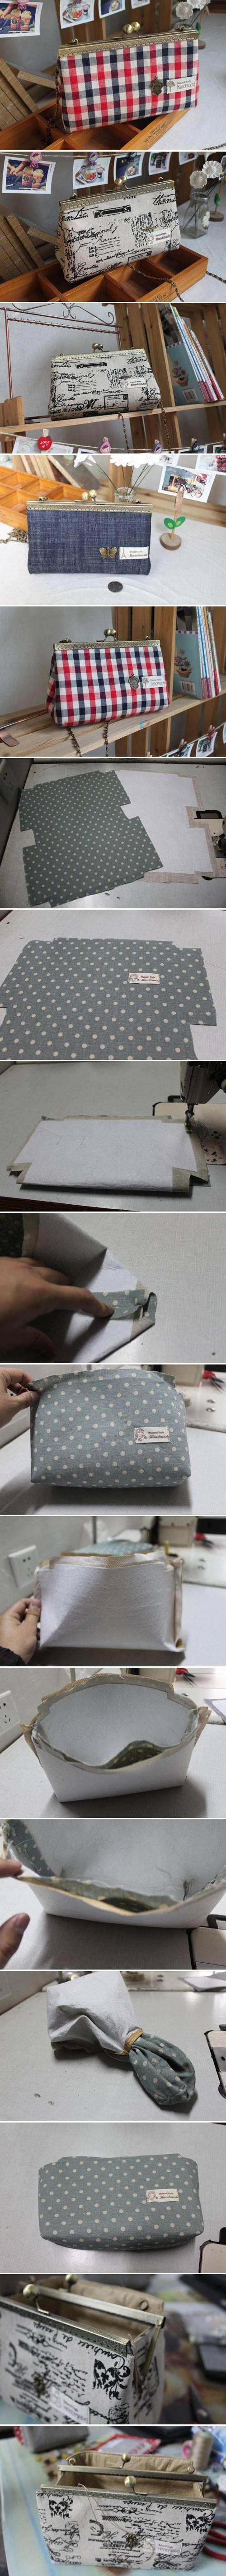 DIY Simple Handbag DIY Projects